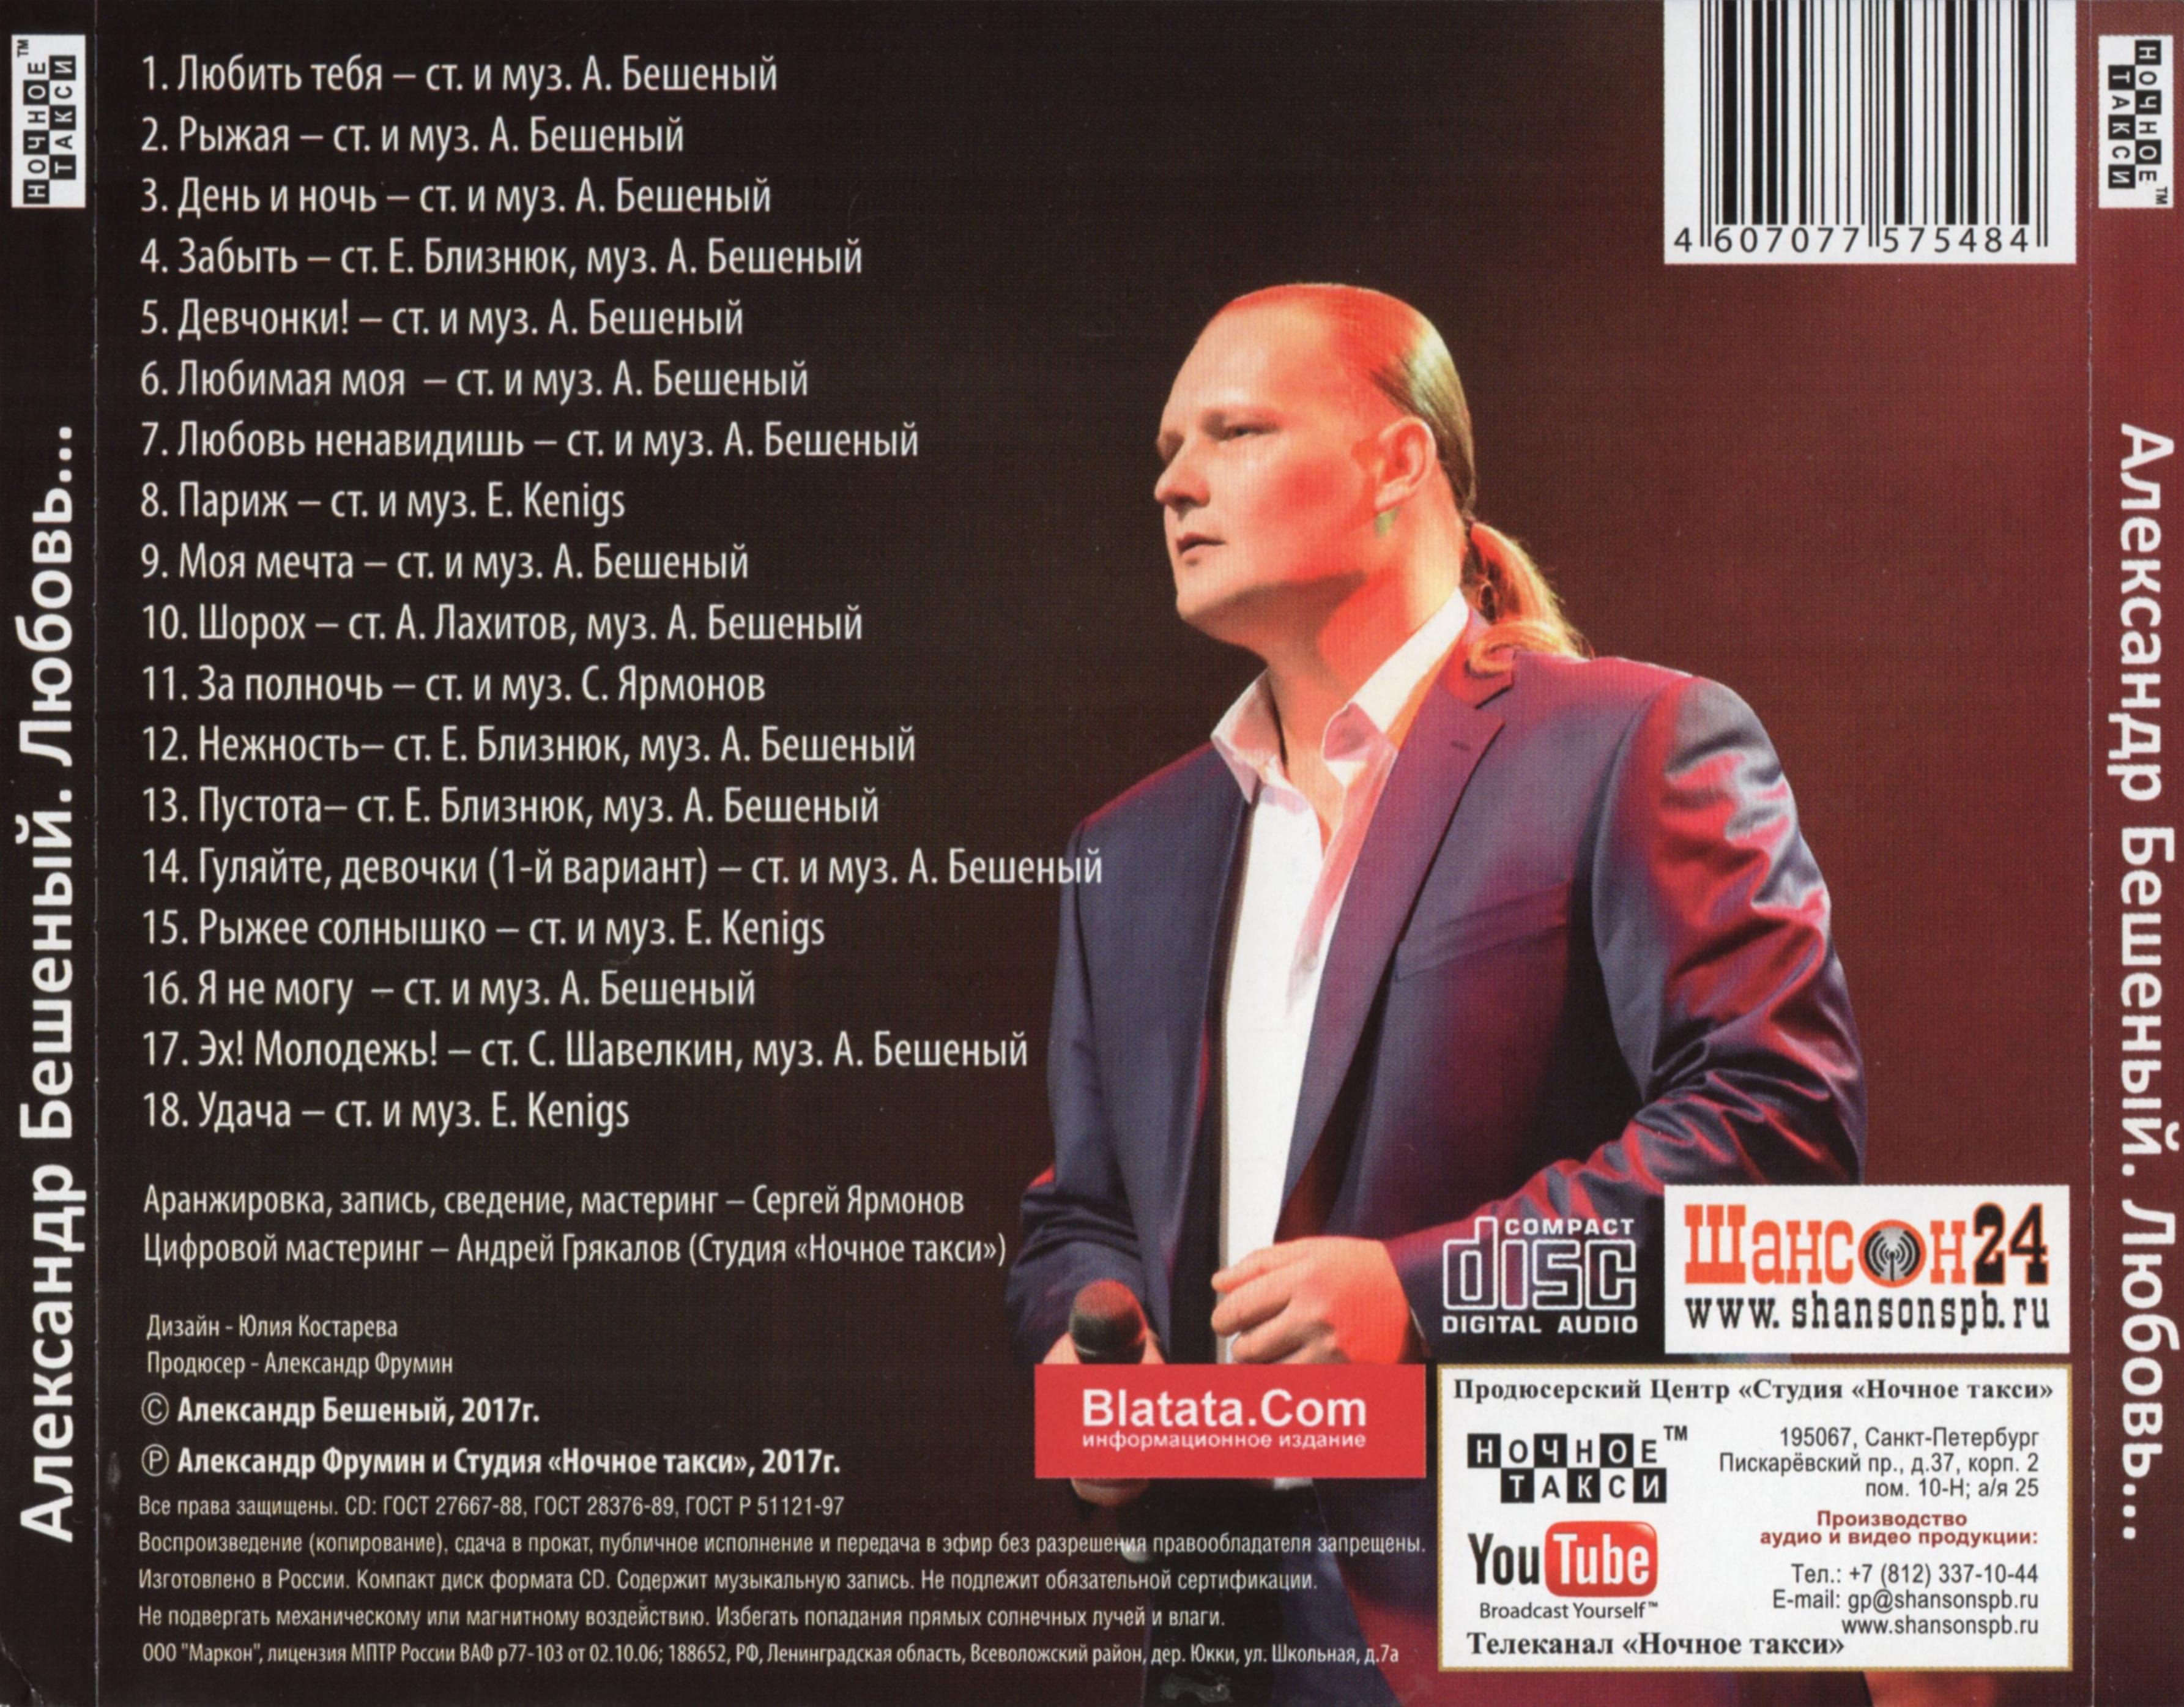 Скачать шансон музыку в cd формате